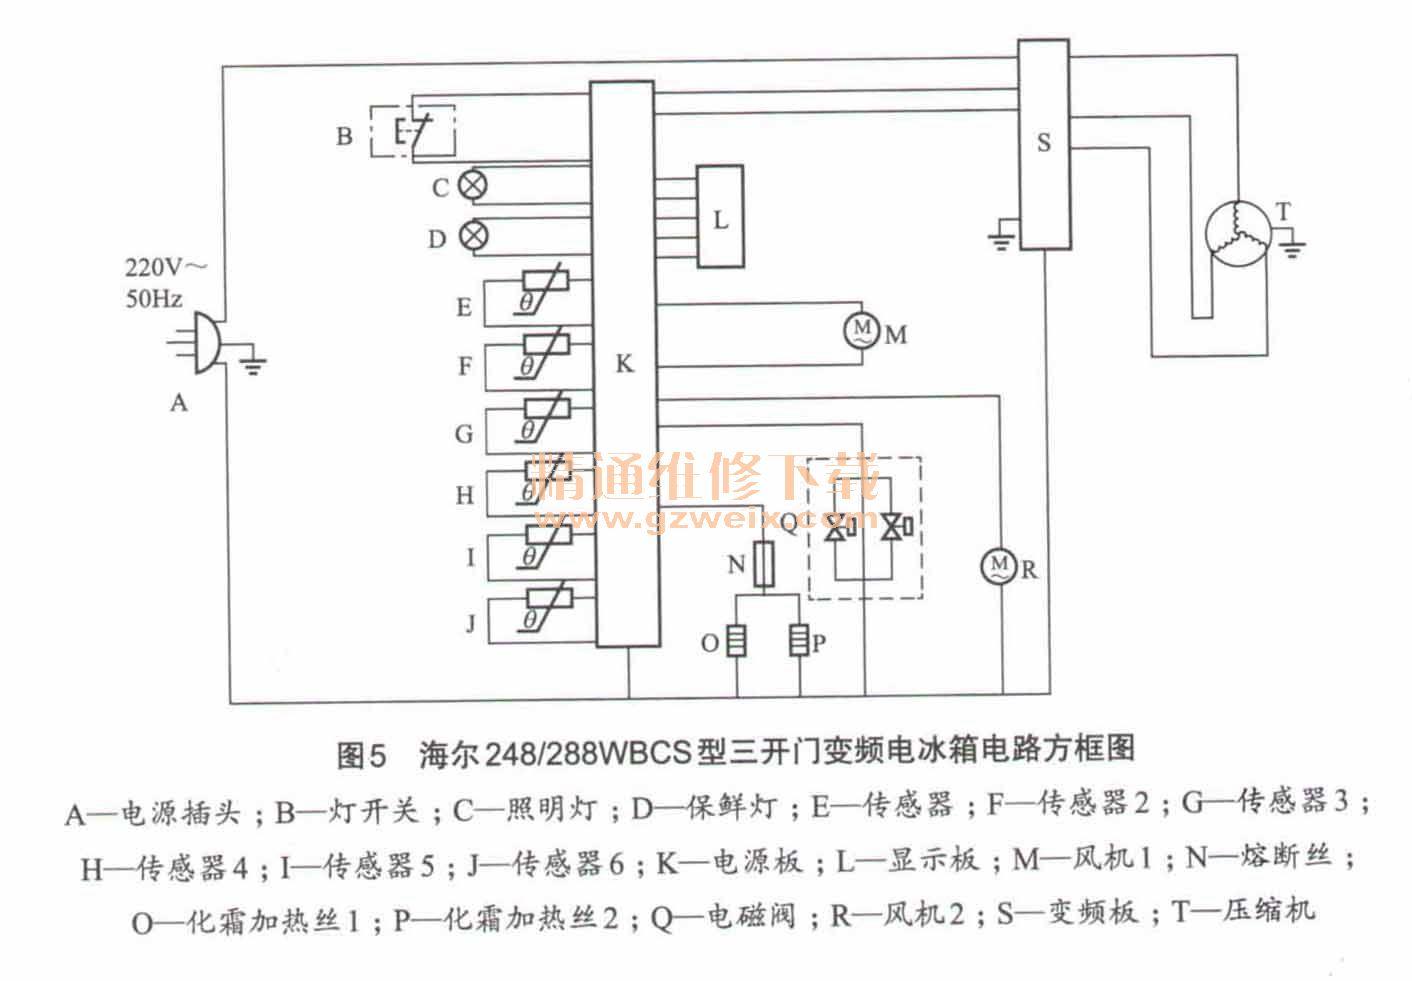 二、变频电冰箱典型电路分析与检修 本节以海尔248/288WBCS型三开门变频电冰箱为例介绍变频电冰箱电路分析与故障检修。该机的制冷系统采用的制冷剂是R600a(52g),它的电气系统由按键板、操作板、电源板(电脑板、主控板)、显示板、变频板、变频压缩机、风扇电机、温度检测传感器、门灯、门开关、加热器等构成。电路方框图如图5所示、电气接线图如图6所示,电路原理图如图7所示。    (一)电源电路 该机电脑板的电源电路由线路滤波器和变压器降压式线性直流稳压电源构成,如图7所示。 插好电冰箱的电源线后,220